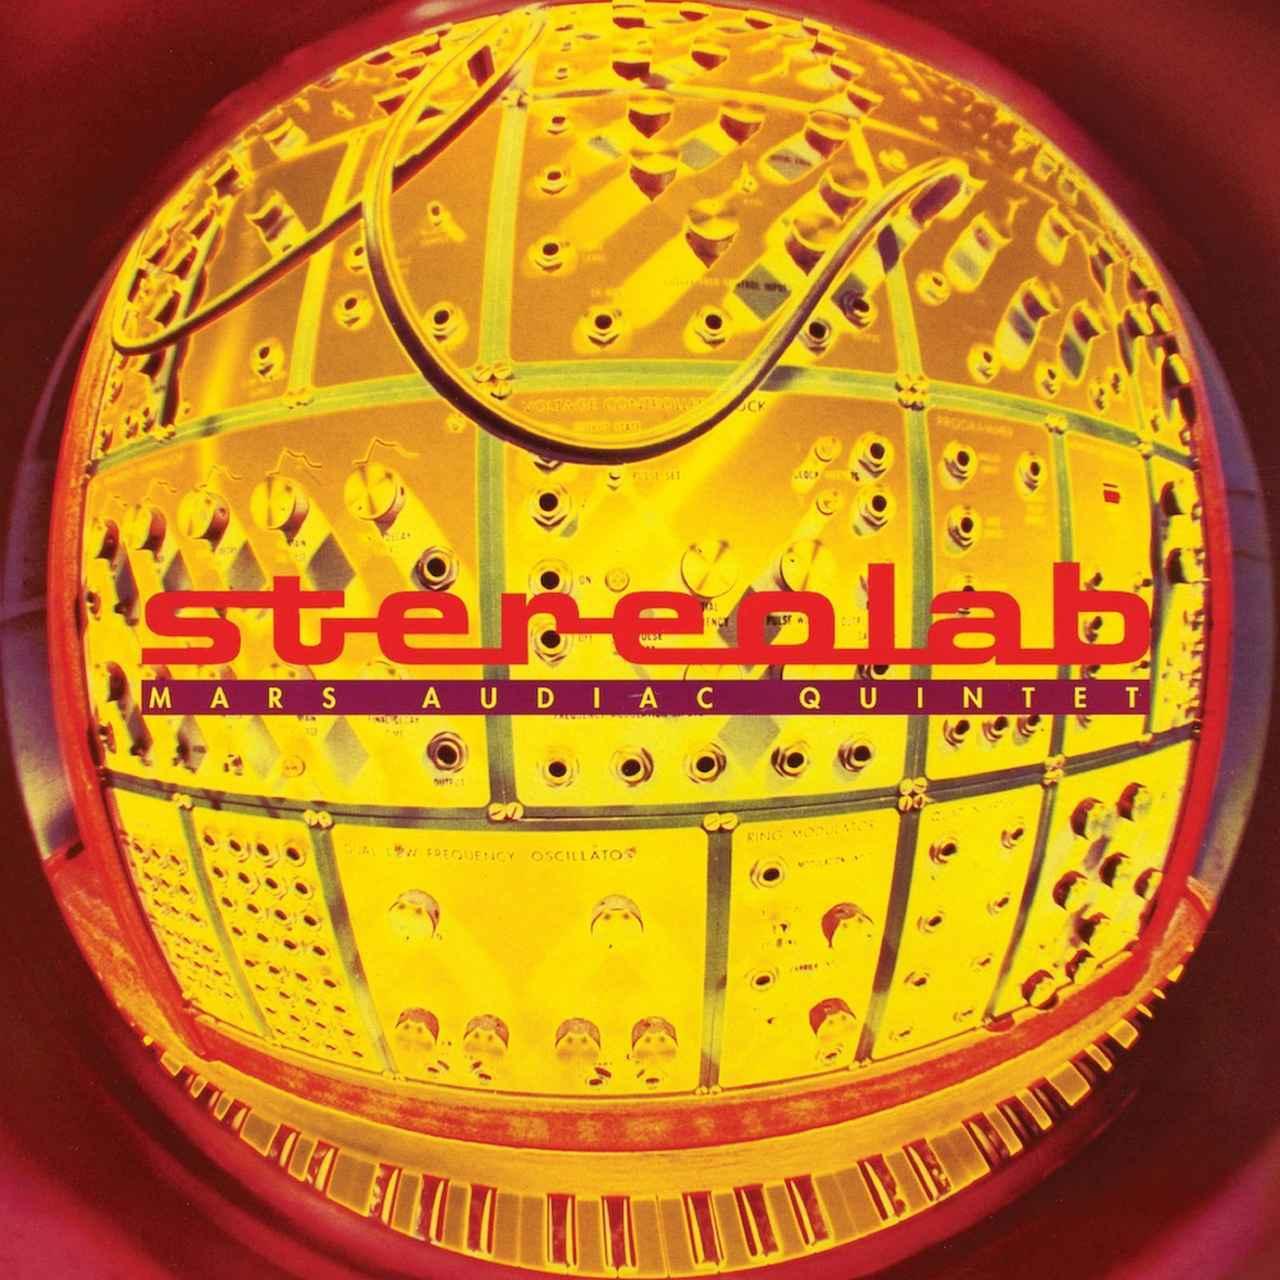 画像: Mars Audiac Quintet / Stereolab